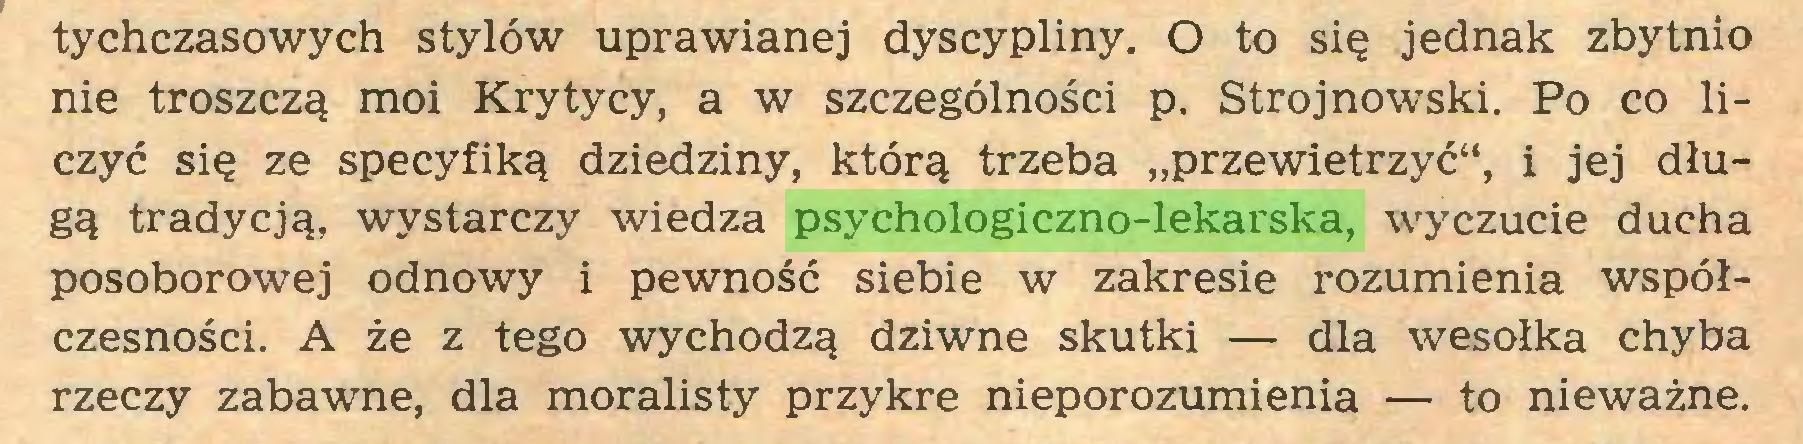 """(...) tychczasowych stylów uprawianej dyscypliny. O to się jednak zbytnio nie troszczą moi Krytycy, a w szczególności p. Strojnowski. Po co liczyć się ze specyfiką dziedziny, którą trzeba """"przewietrzyć"""", i jej długą tradycją, wystarczy wiedza psychologiczno-lekarska, wyczucie ducha posoborowej odnowy i pewność siebie w zakresie rozumienia współczesności. A że z tego wychodzą dziwne skutki — dla wesołka chyba rzeczy zabawne, dla moralisty przykre nieporozumienia — to nieważne..."""